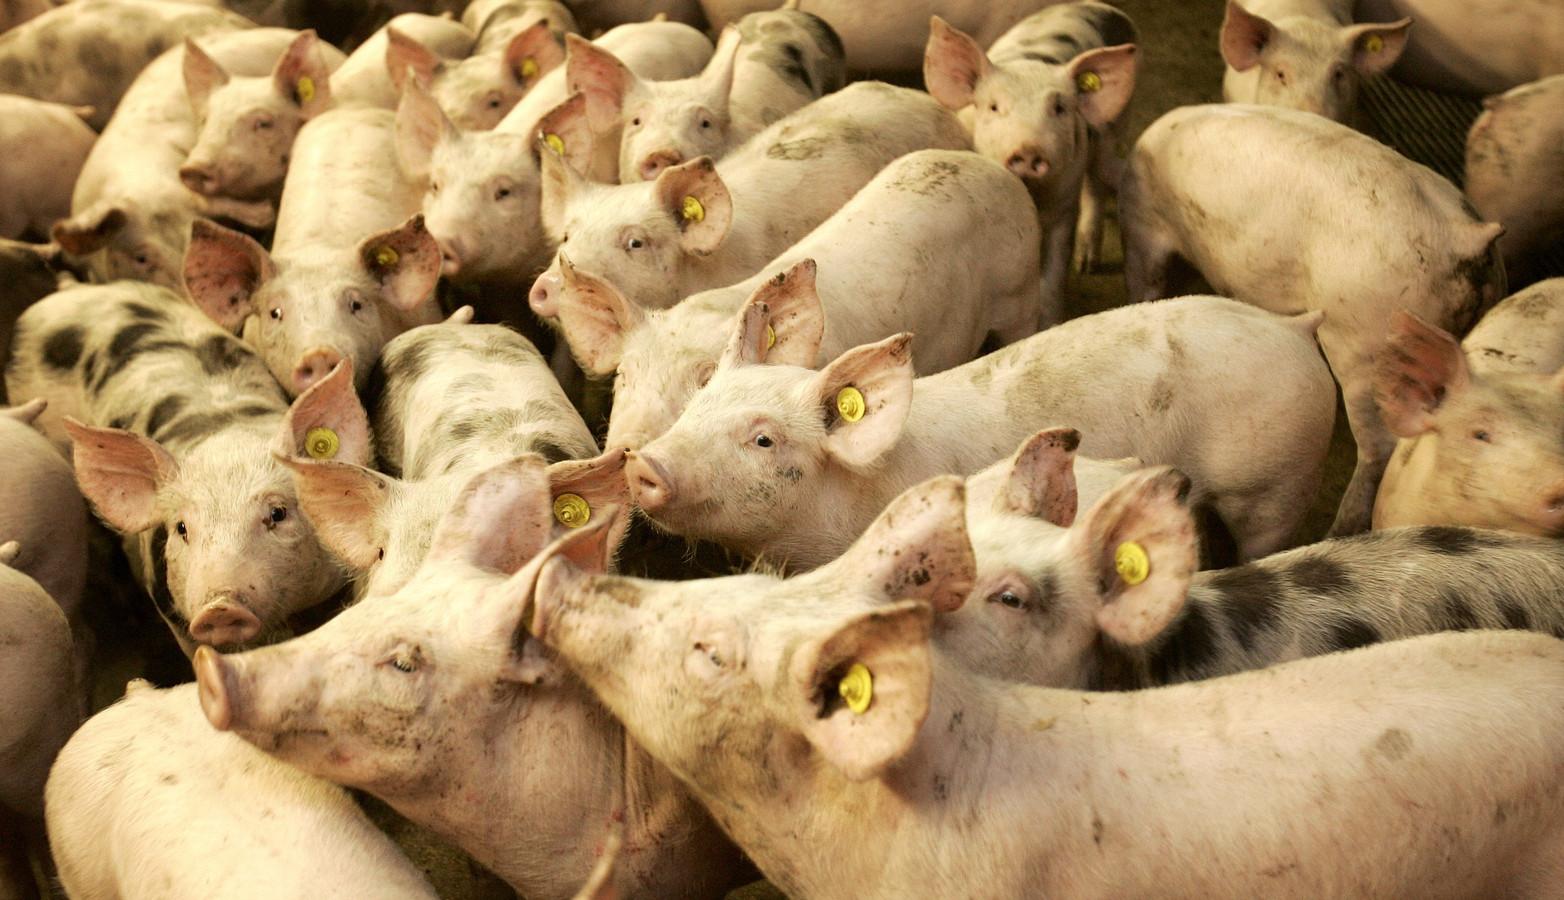 Putten kiest liever voor Food Valley dan ander samenwerkingsverband omdat de nabijgelegen gemeenten ook veel intensieve veehouderij kennen.